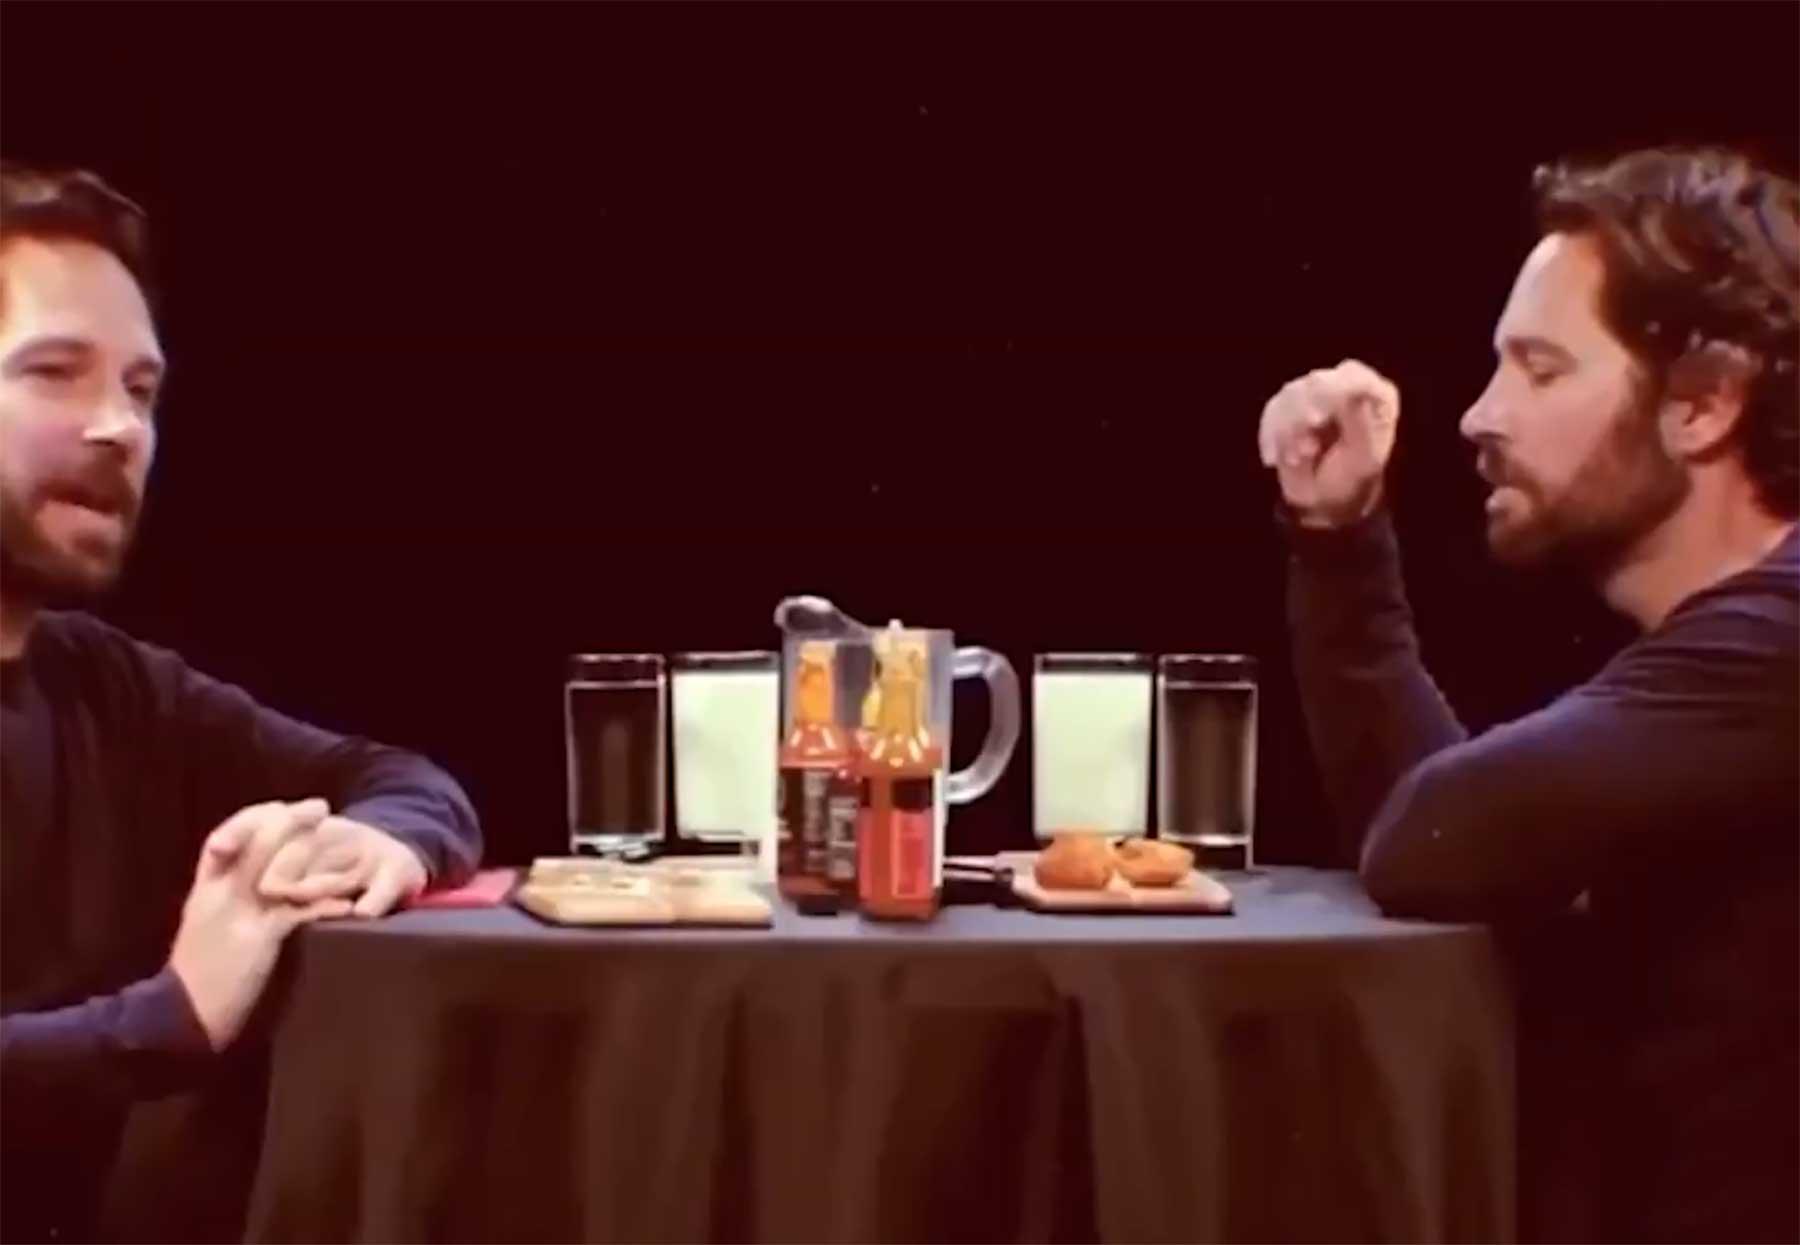 Paul Rudd interviewt sich selbst paul-rudd-im-interview-mit-sich-selbst